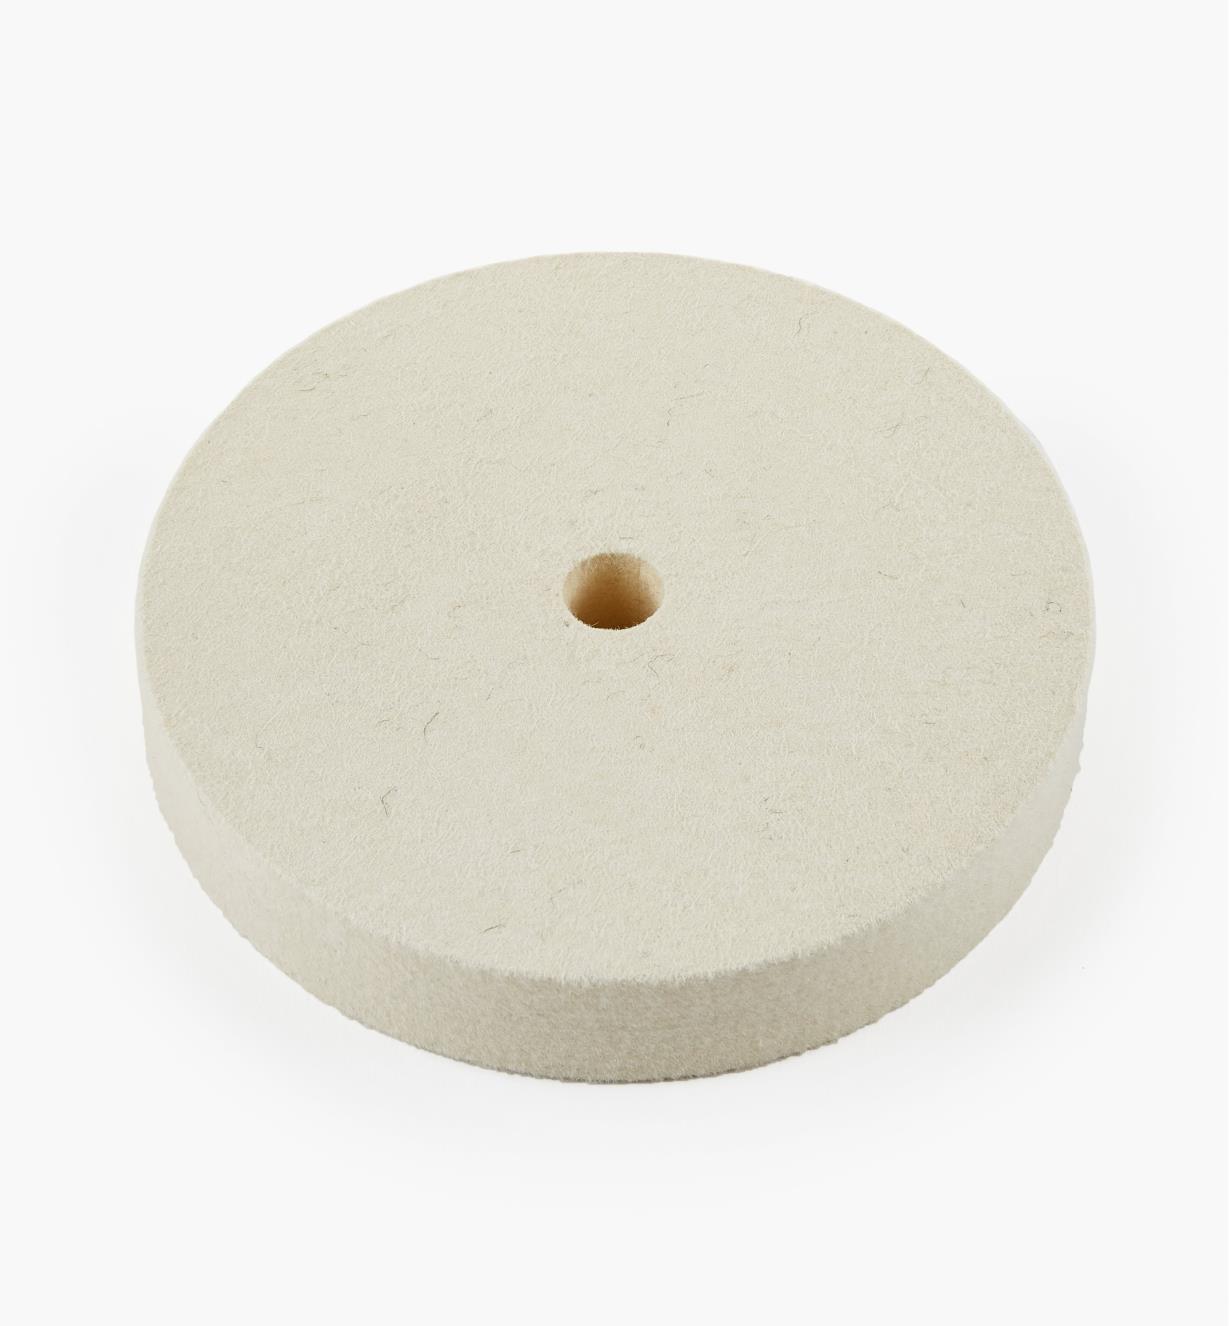 08M4105 - Disque à polir en feutre dur, 6pox1po